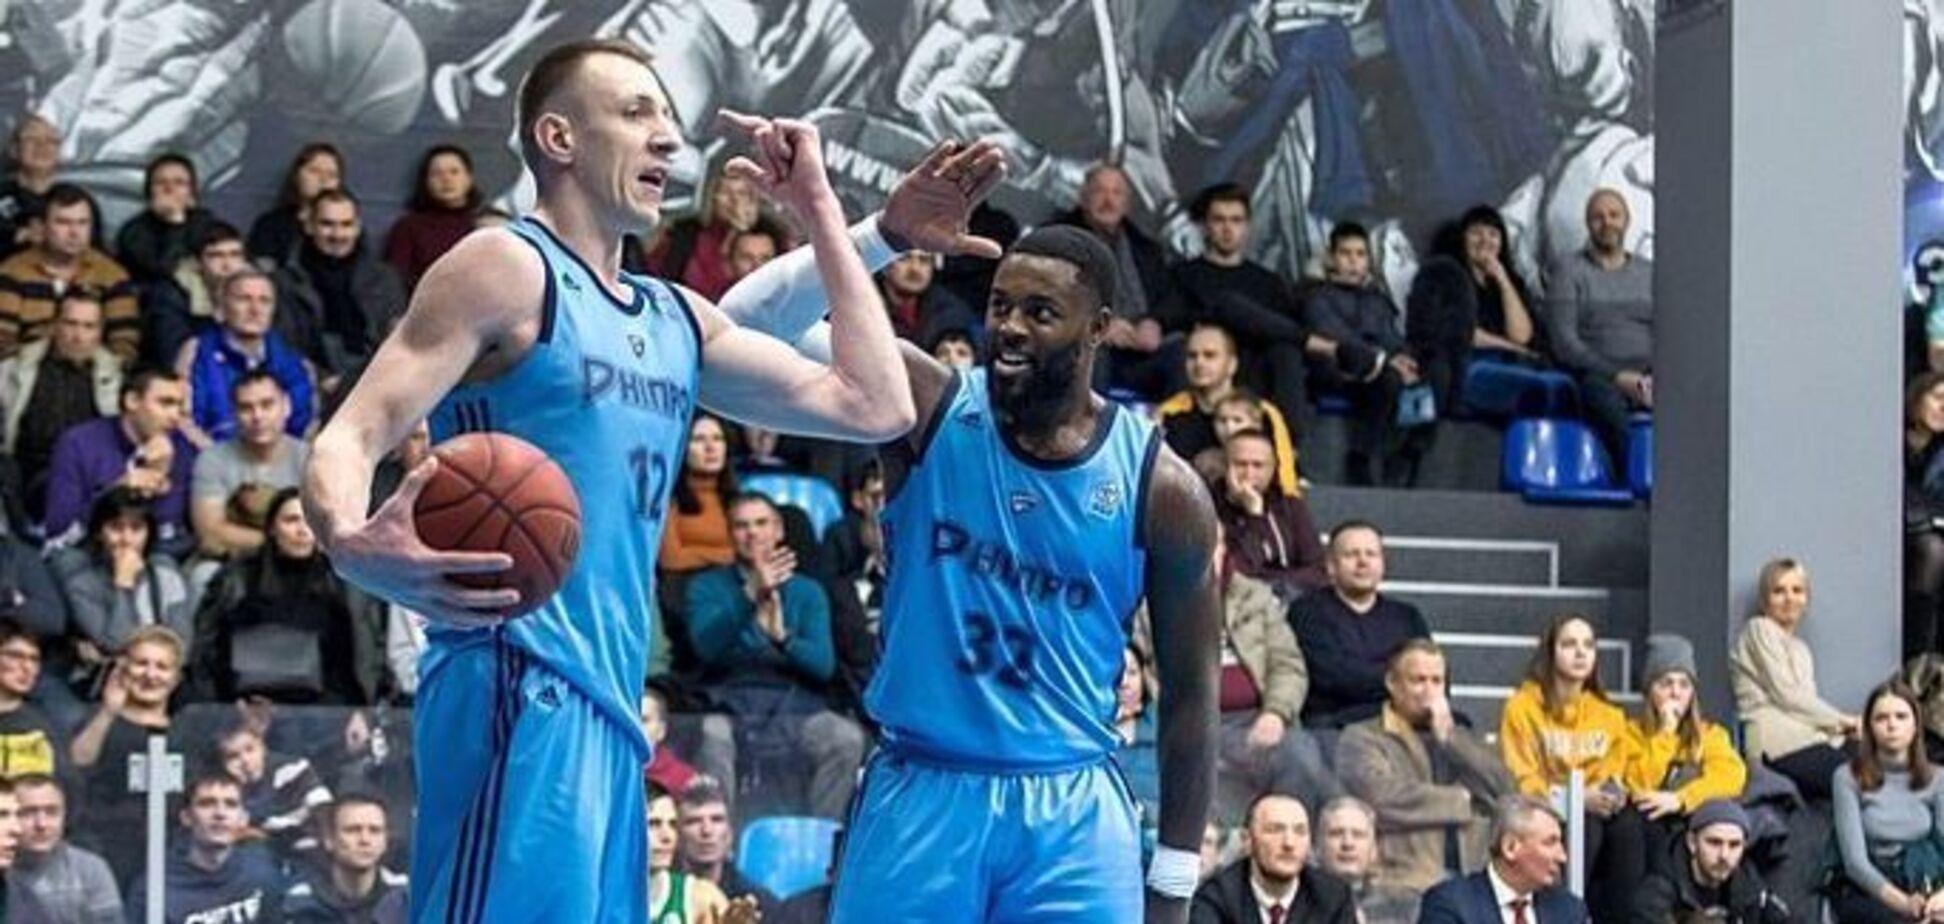 'Дніпро' переміг 'Запоріжжя' у чвертьфіналі Кубка України з баскетболу